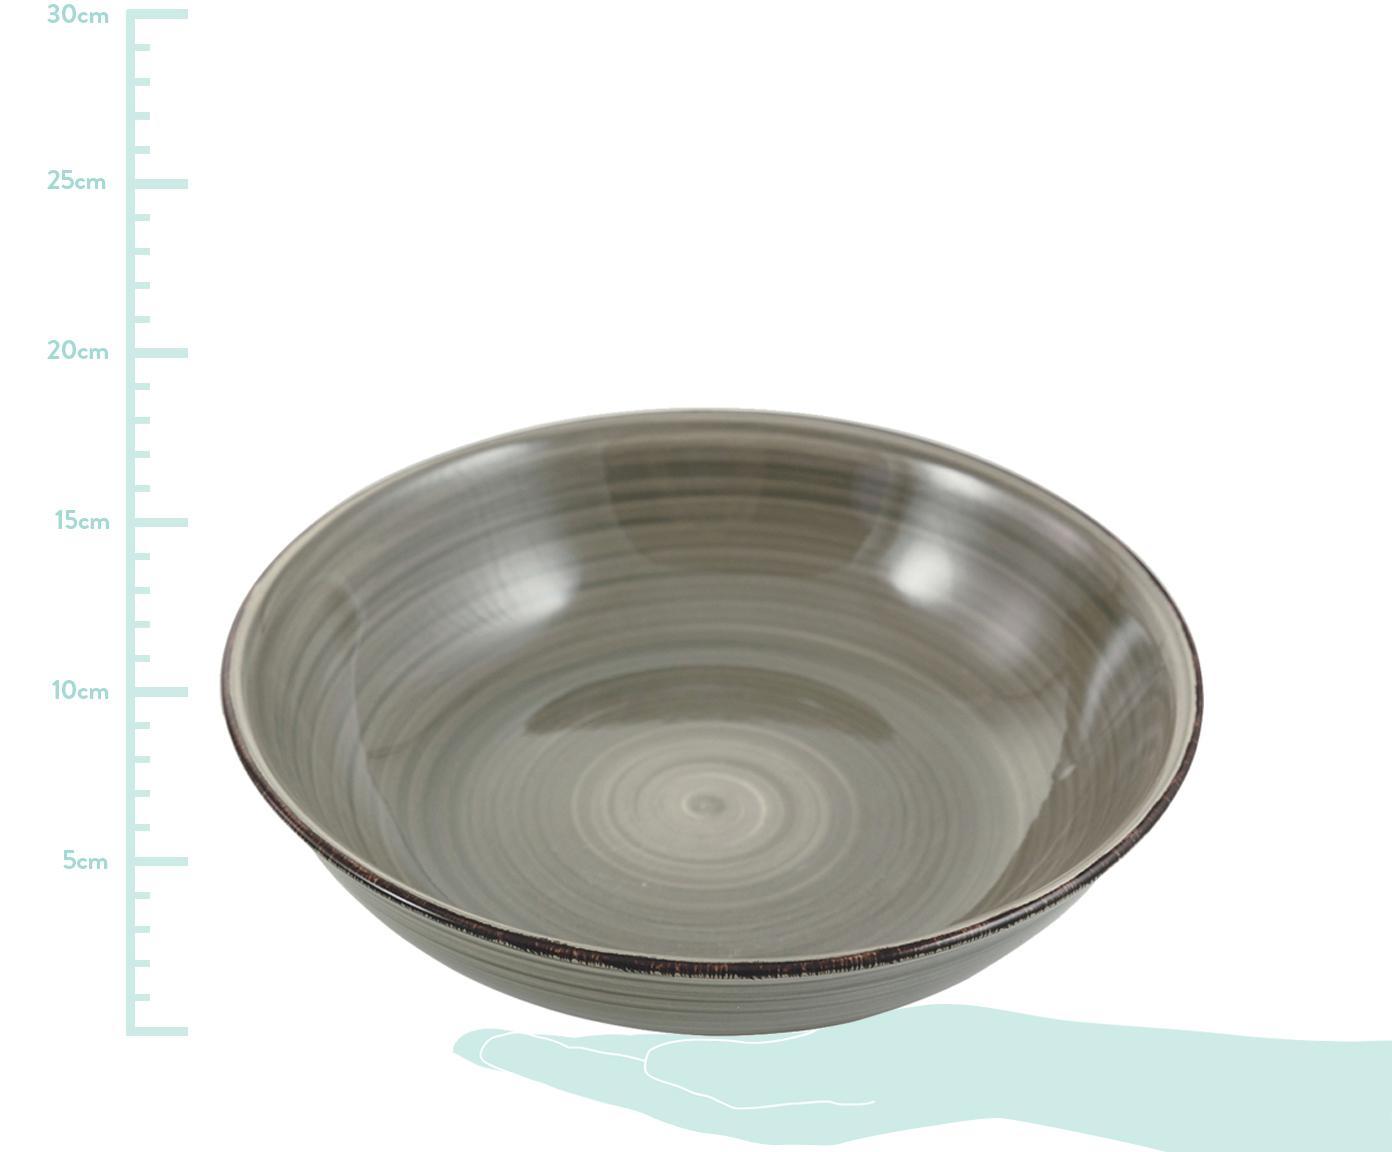 Handbemalte Schüssel Baita in Grau, Steingut (Dolomitstein), handbemalt, Grau, Ø 29 x H 7 cm